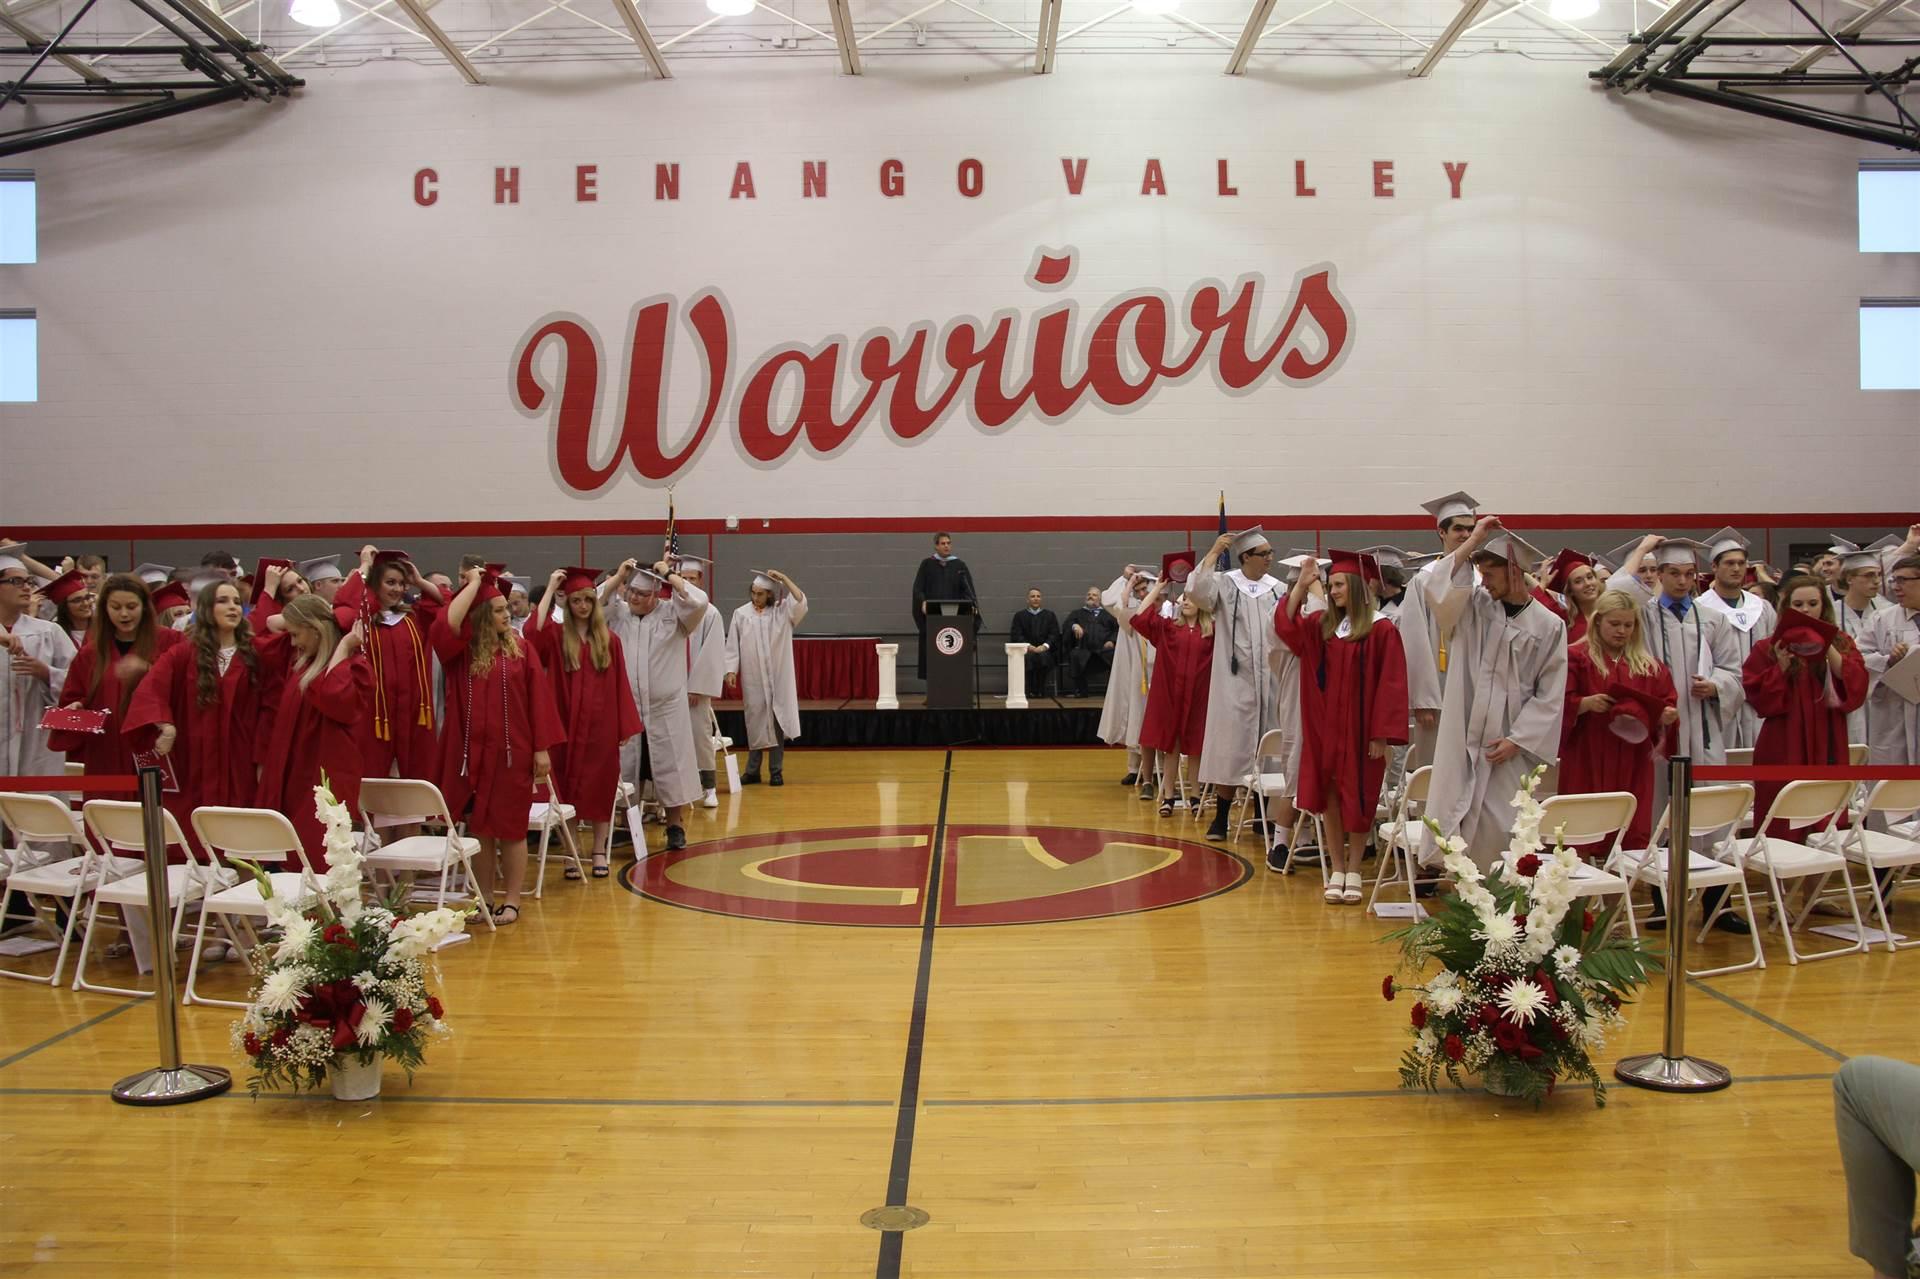 photo 288 from 2017 C V Graduation